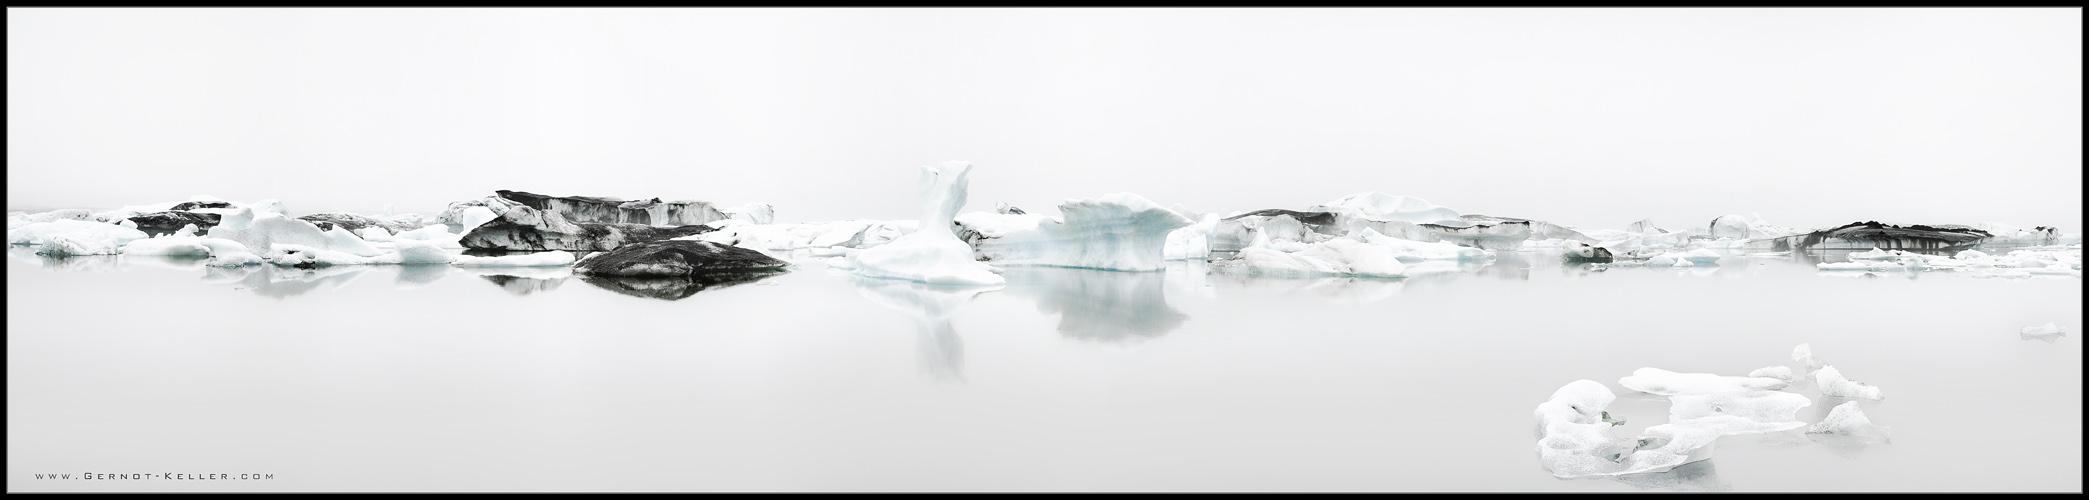 08440 - Iceland, Jökulsarlon Pano